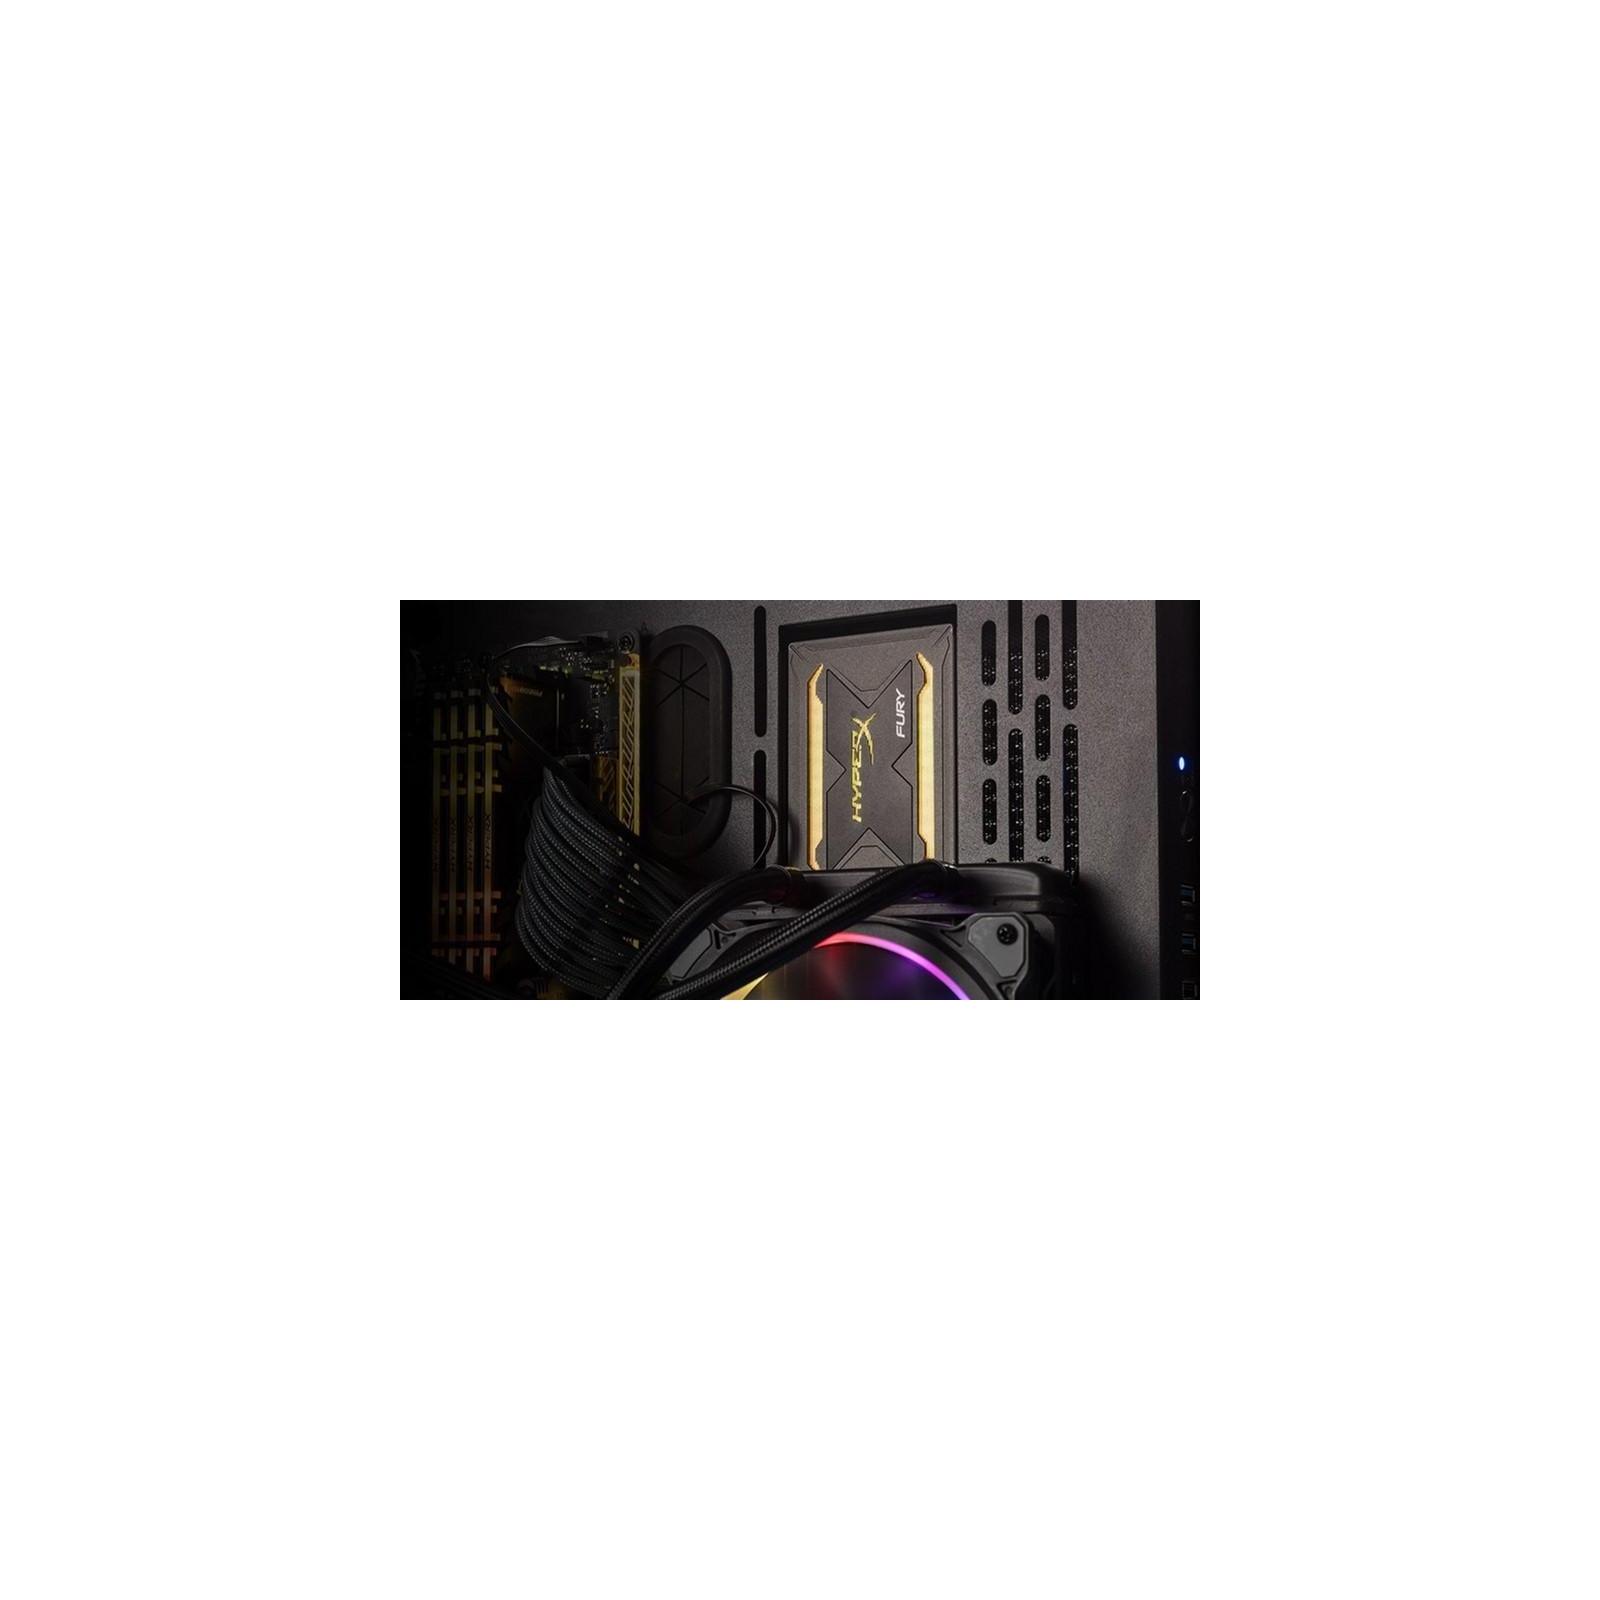 """Накопитель SSD 2.5"""" 960GB HyperX SSD (SHFR200/960G) изображение 11"""